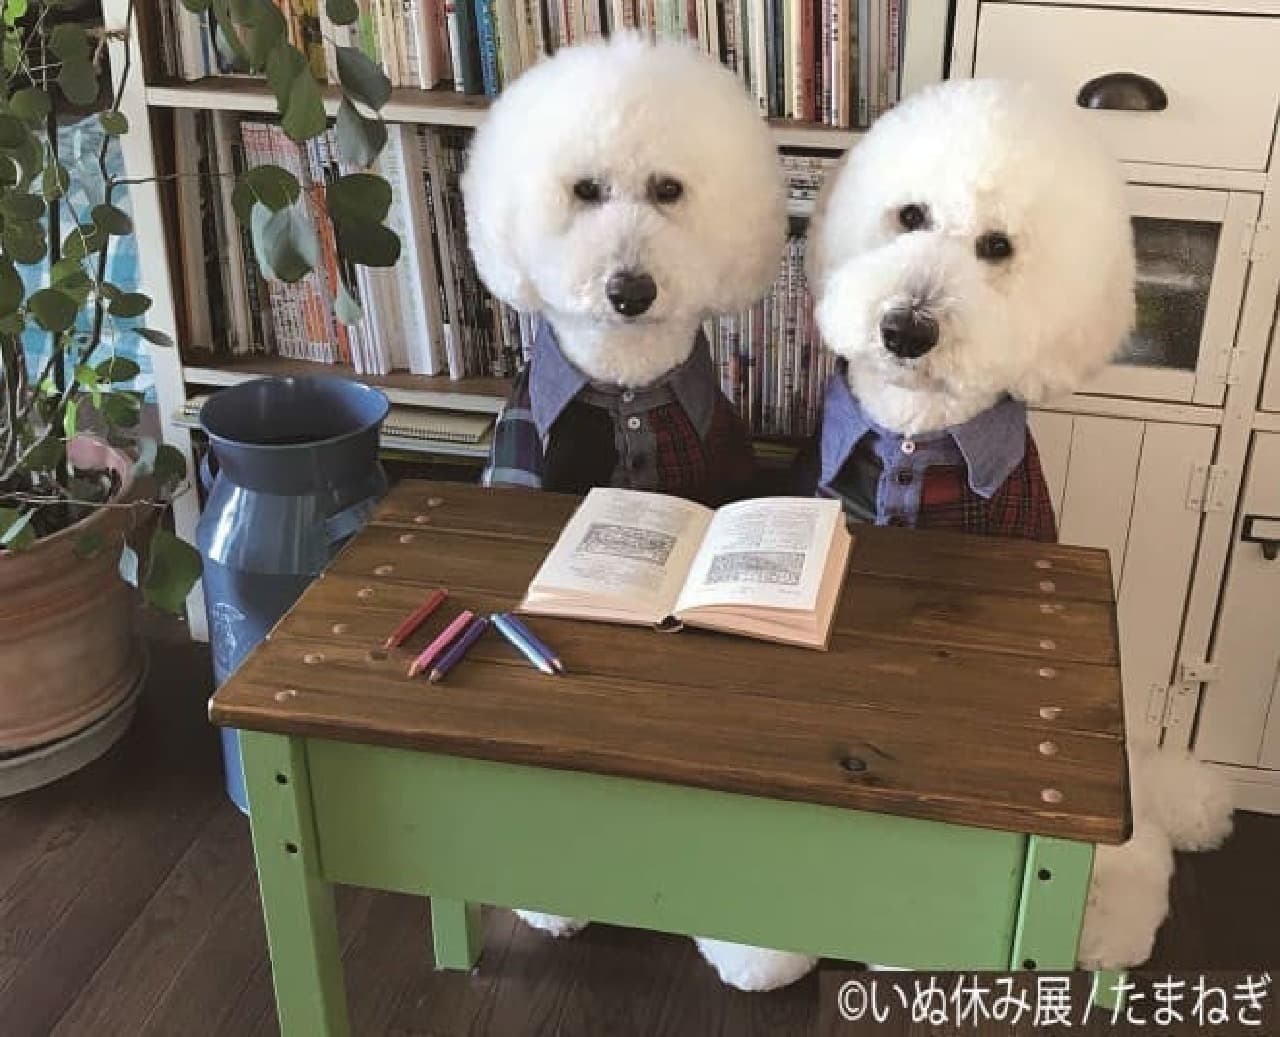 犬の合同写真&物販展「いぬ休み展」初開催